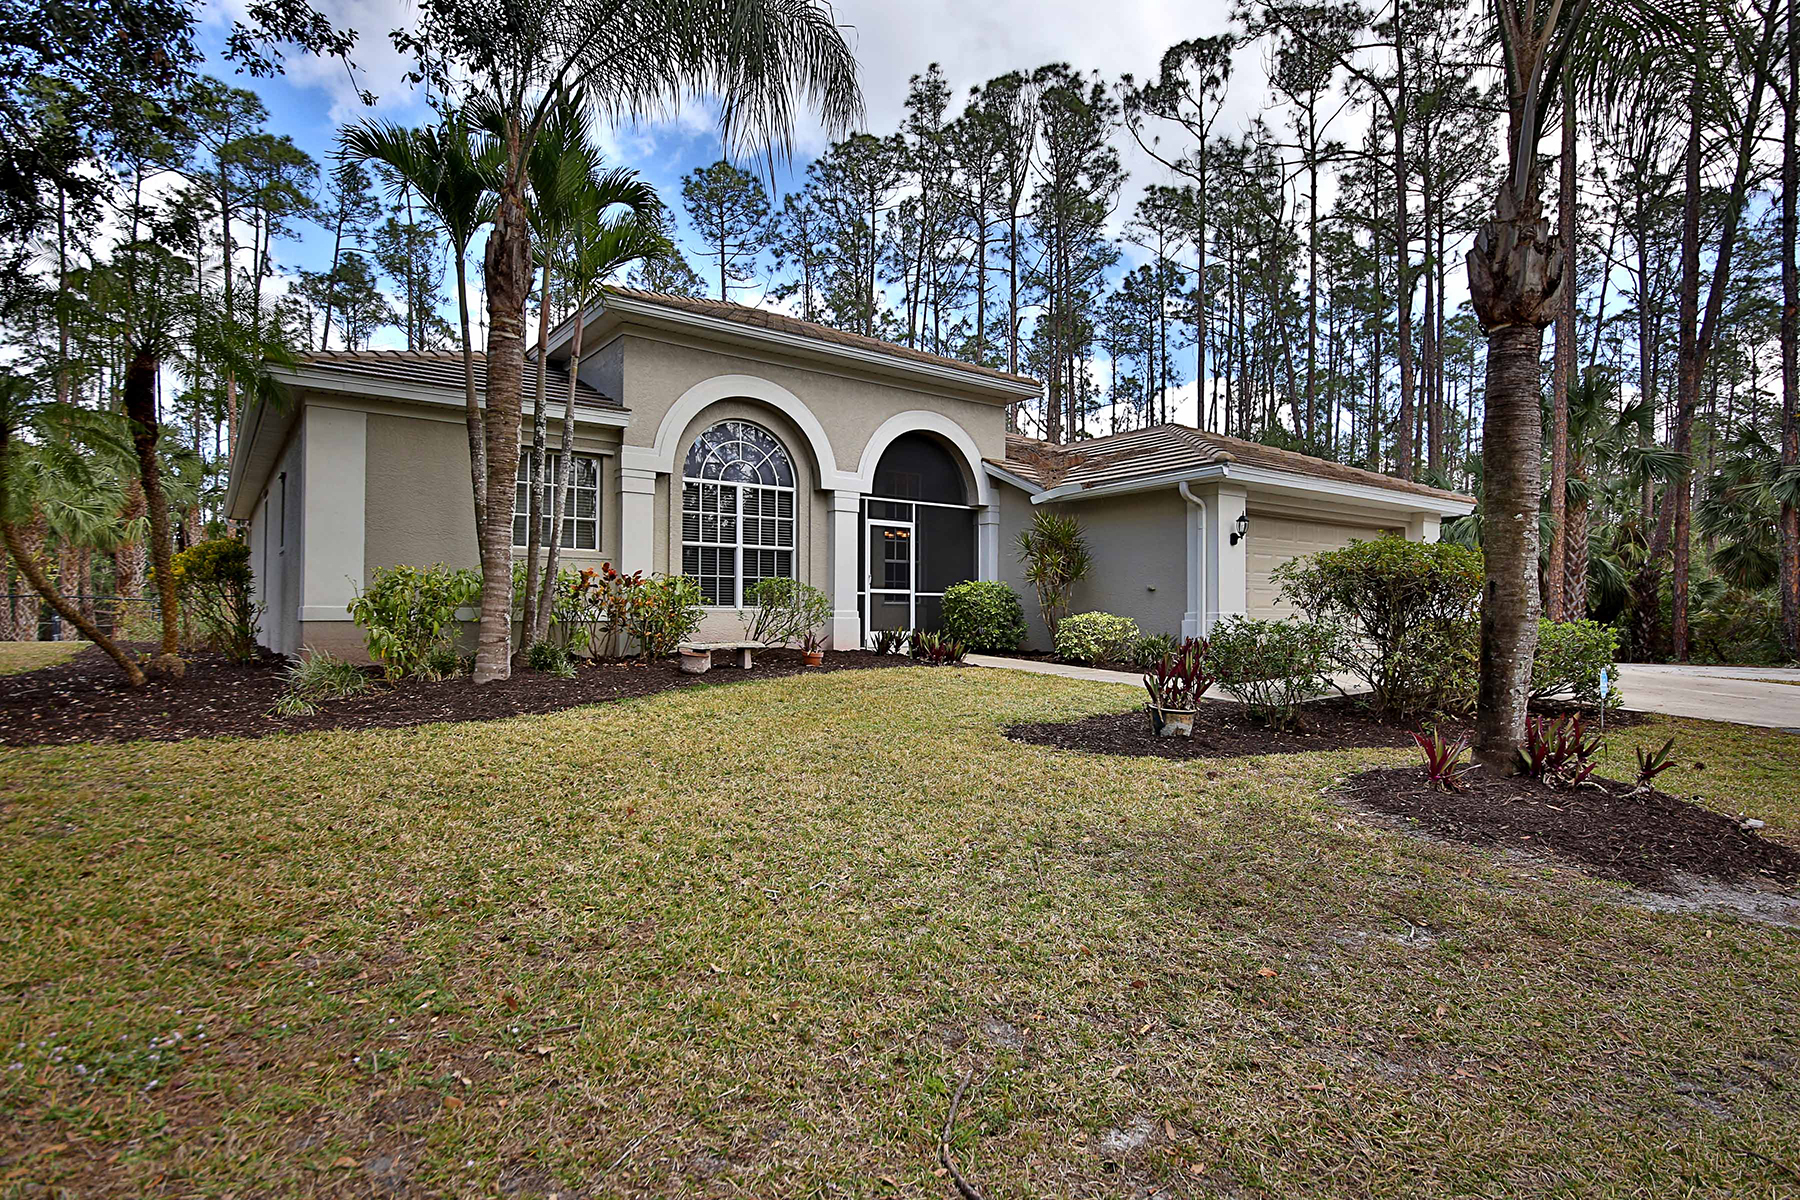 Частный односемейный дом для того Продажа на GOLDEN GATE 4571 Pine Ridge Rd, Naples, Флорида, 34119 Соединенные Штаты